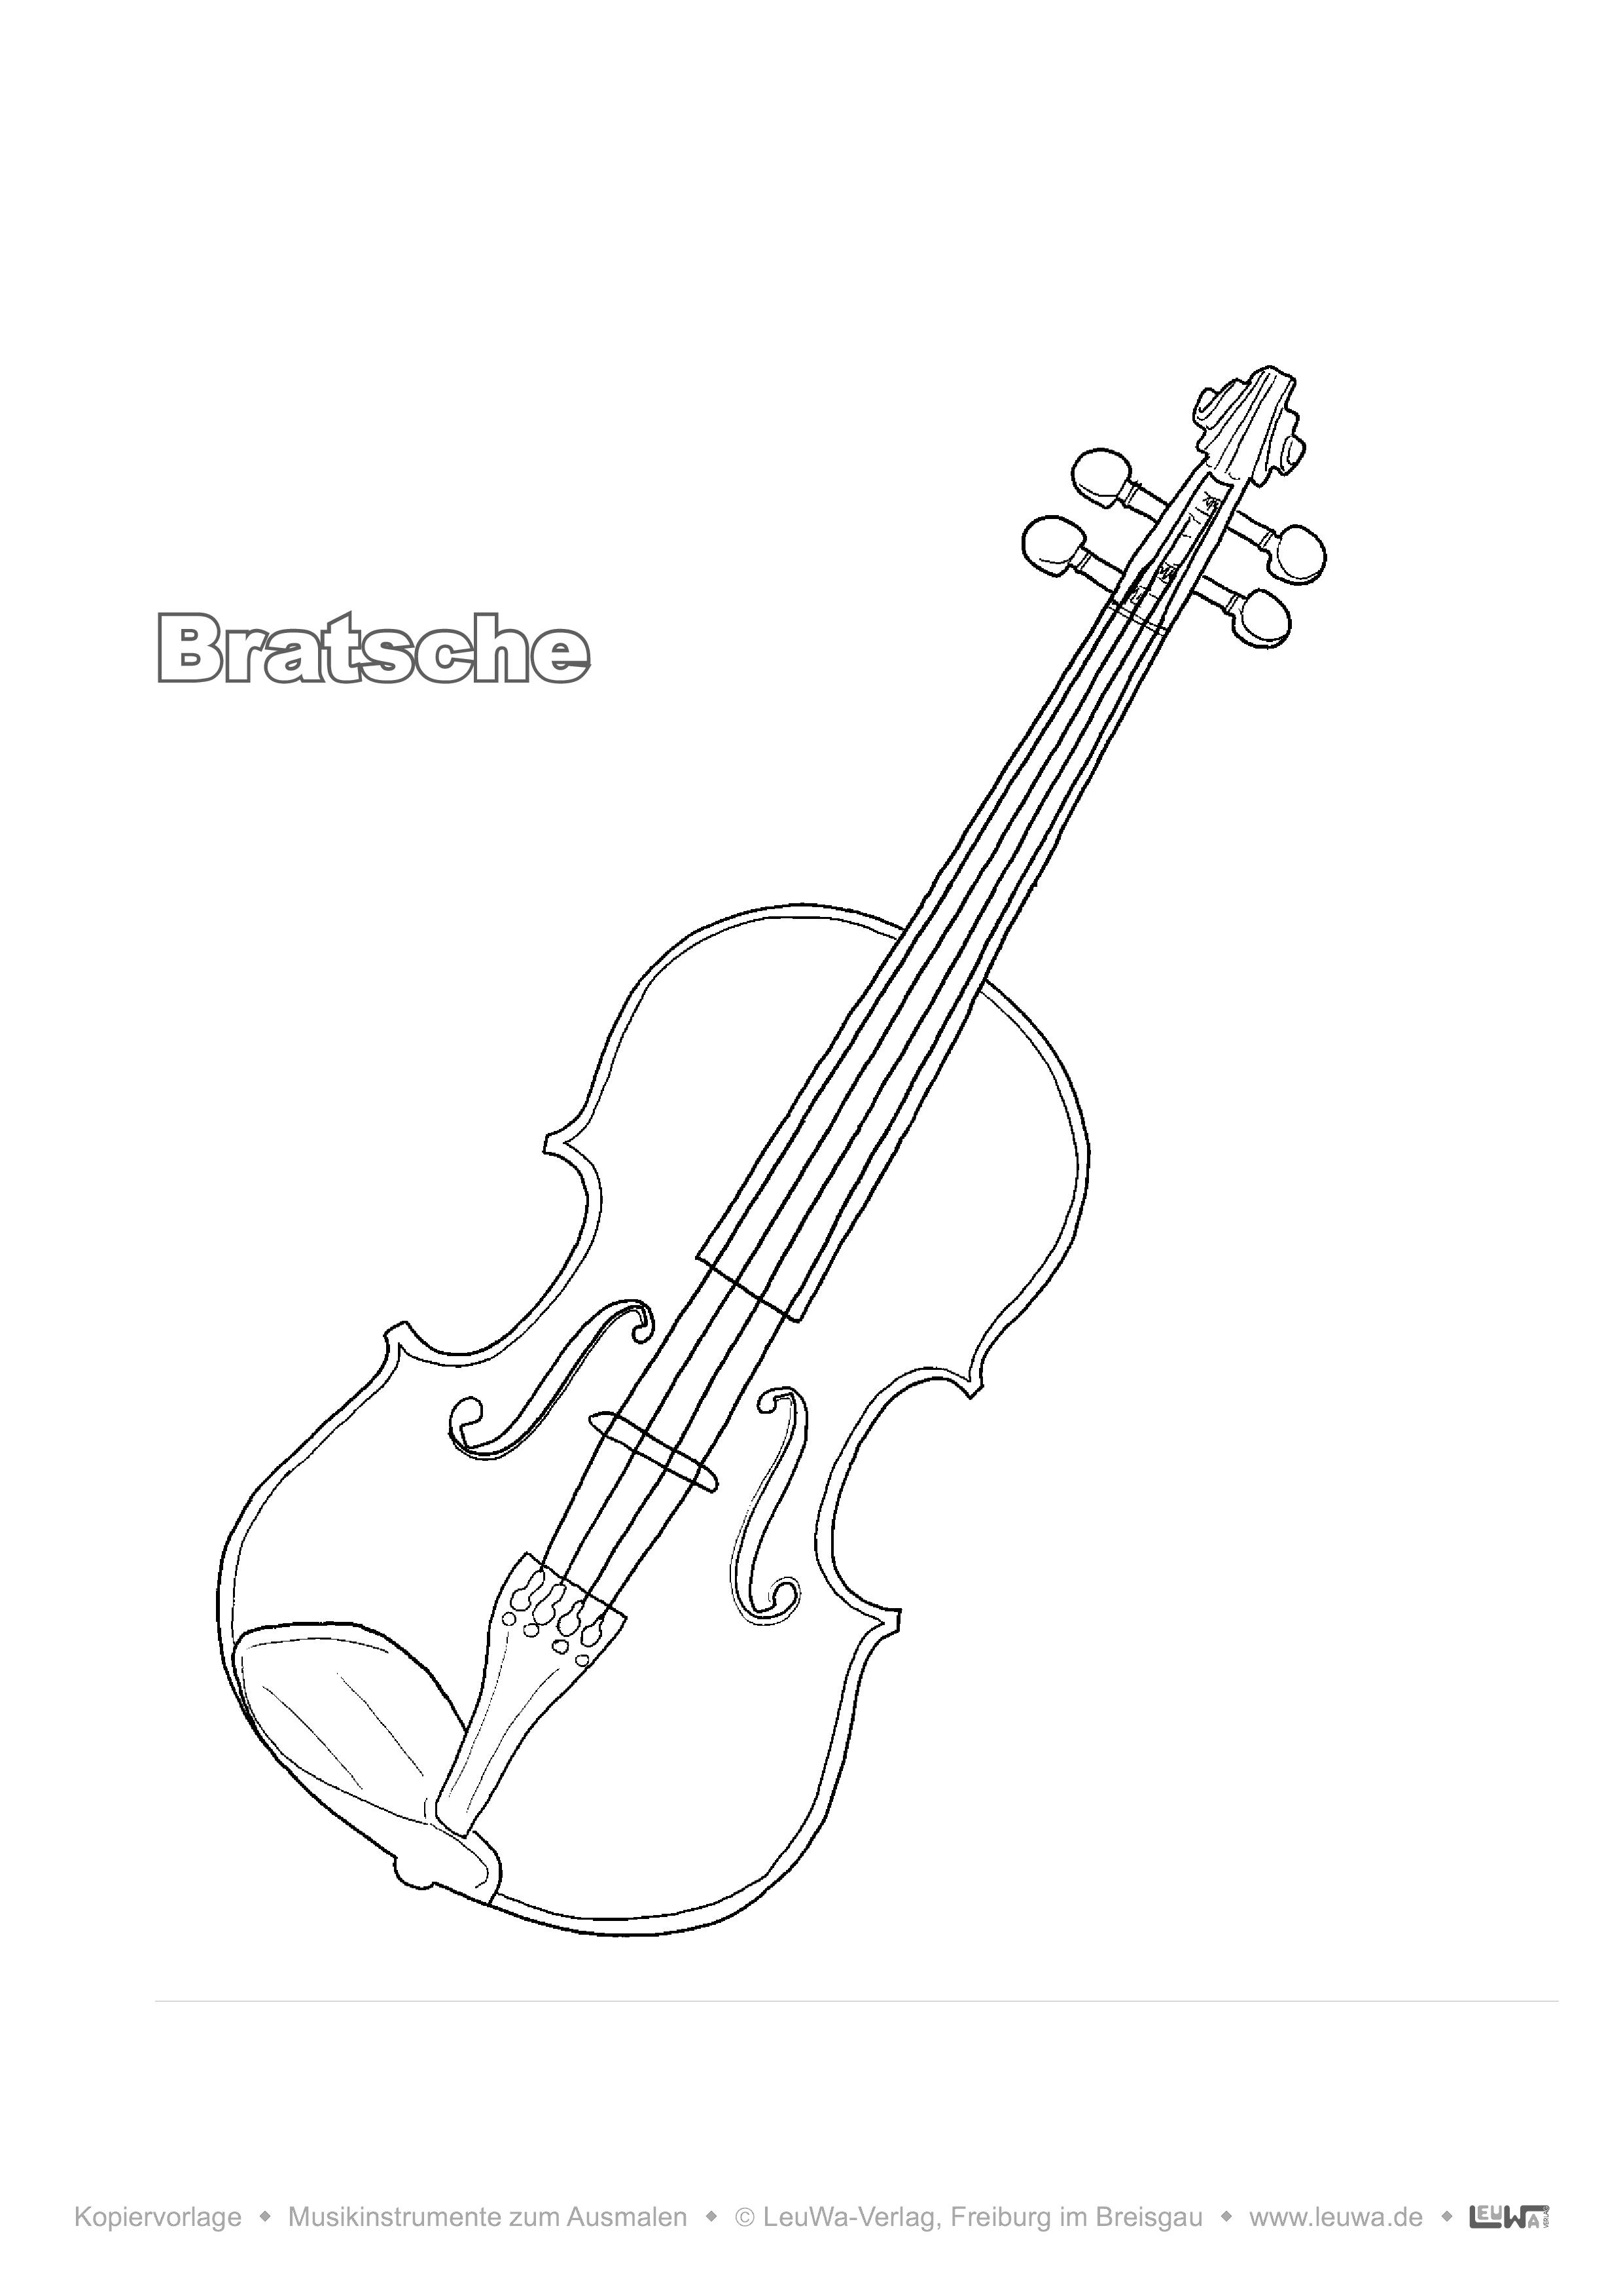 Musikinstrument zum Ausmalen - Bratsche – Unterrichtsmaterial in